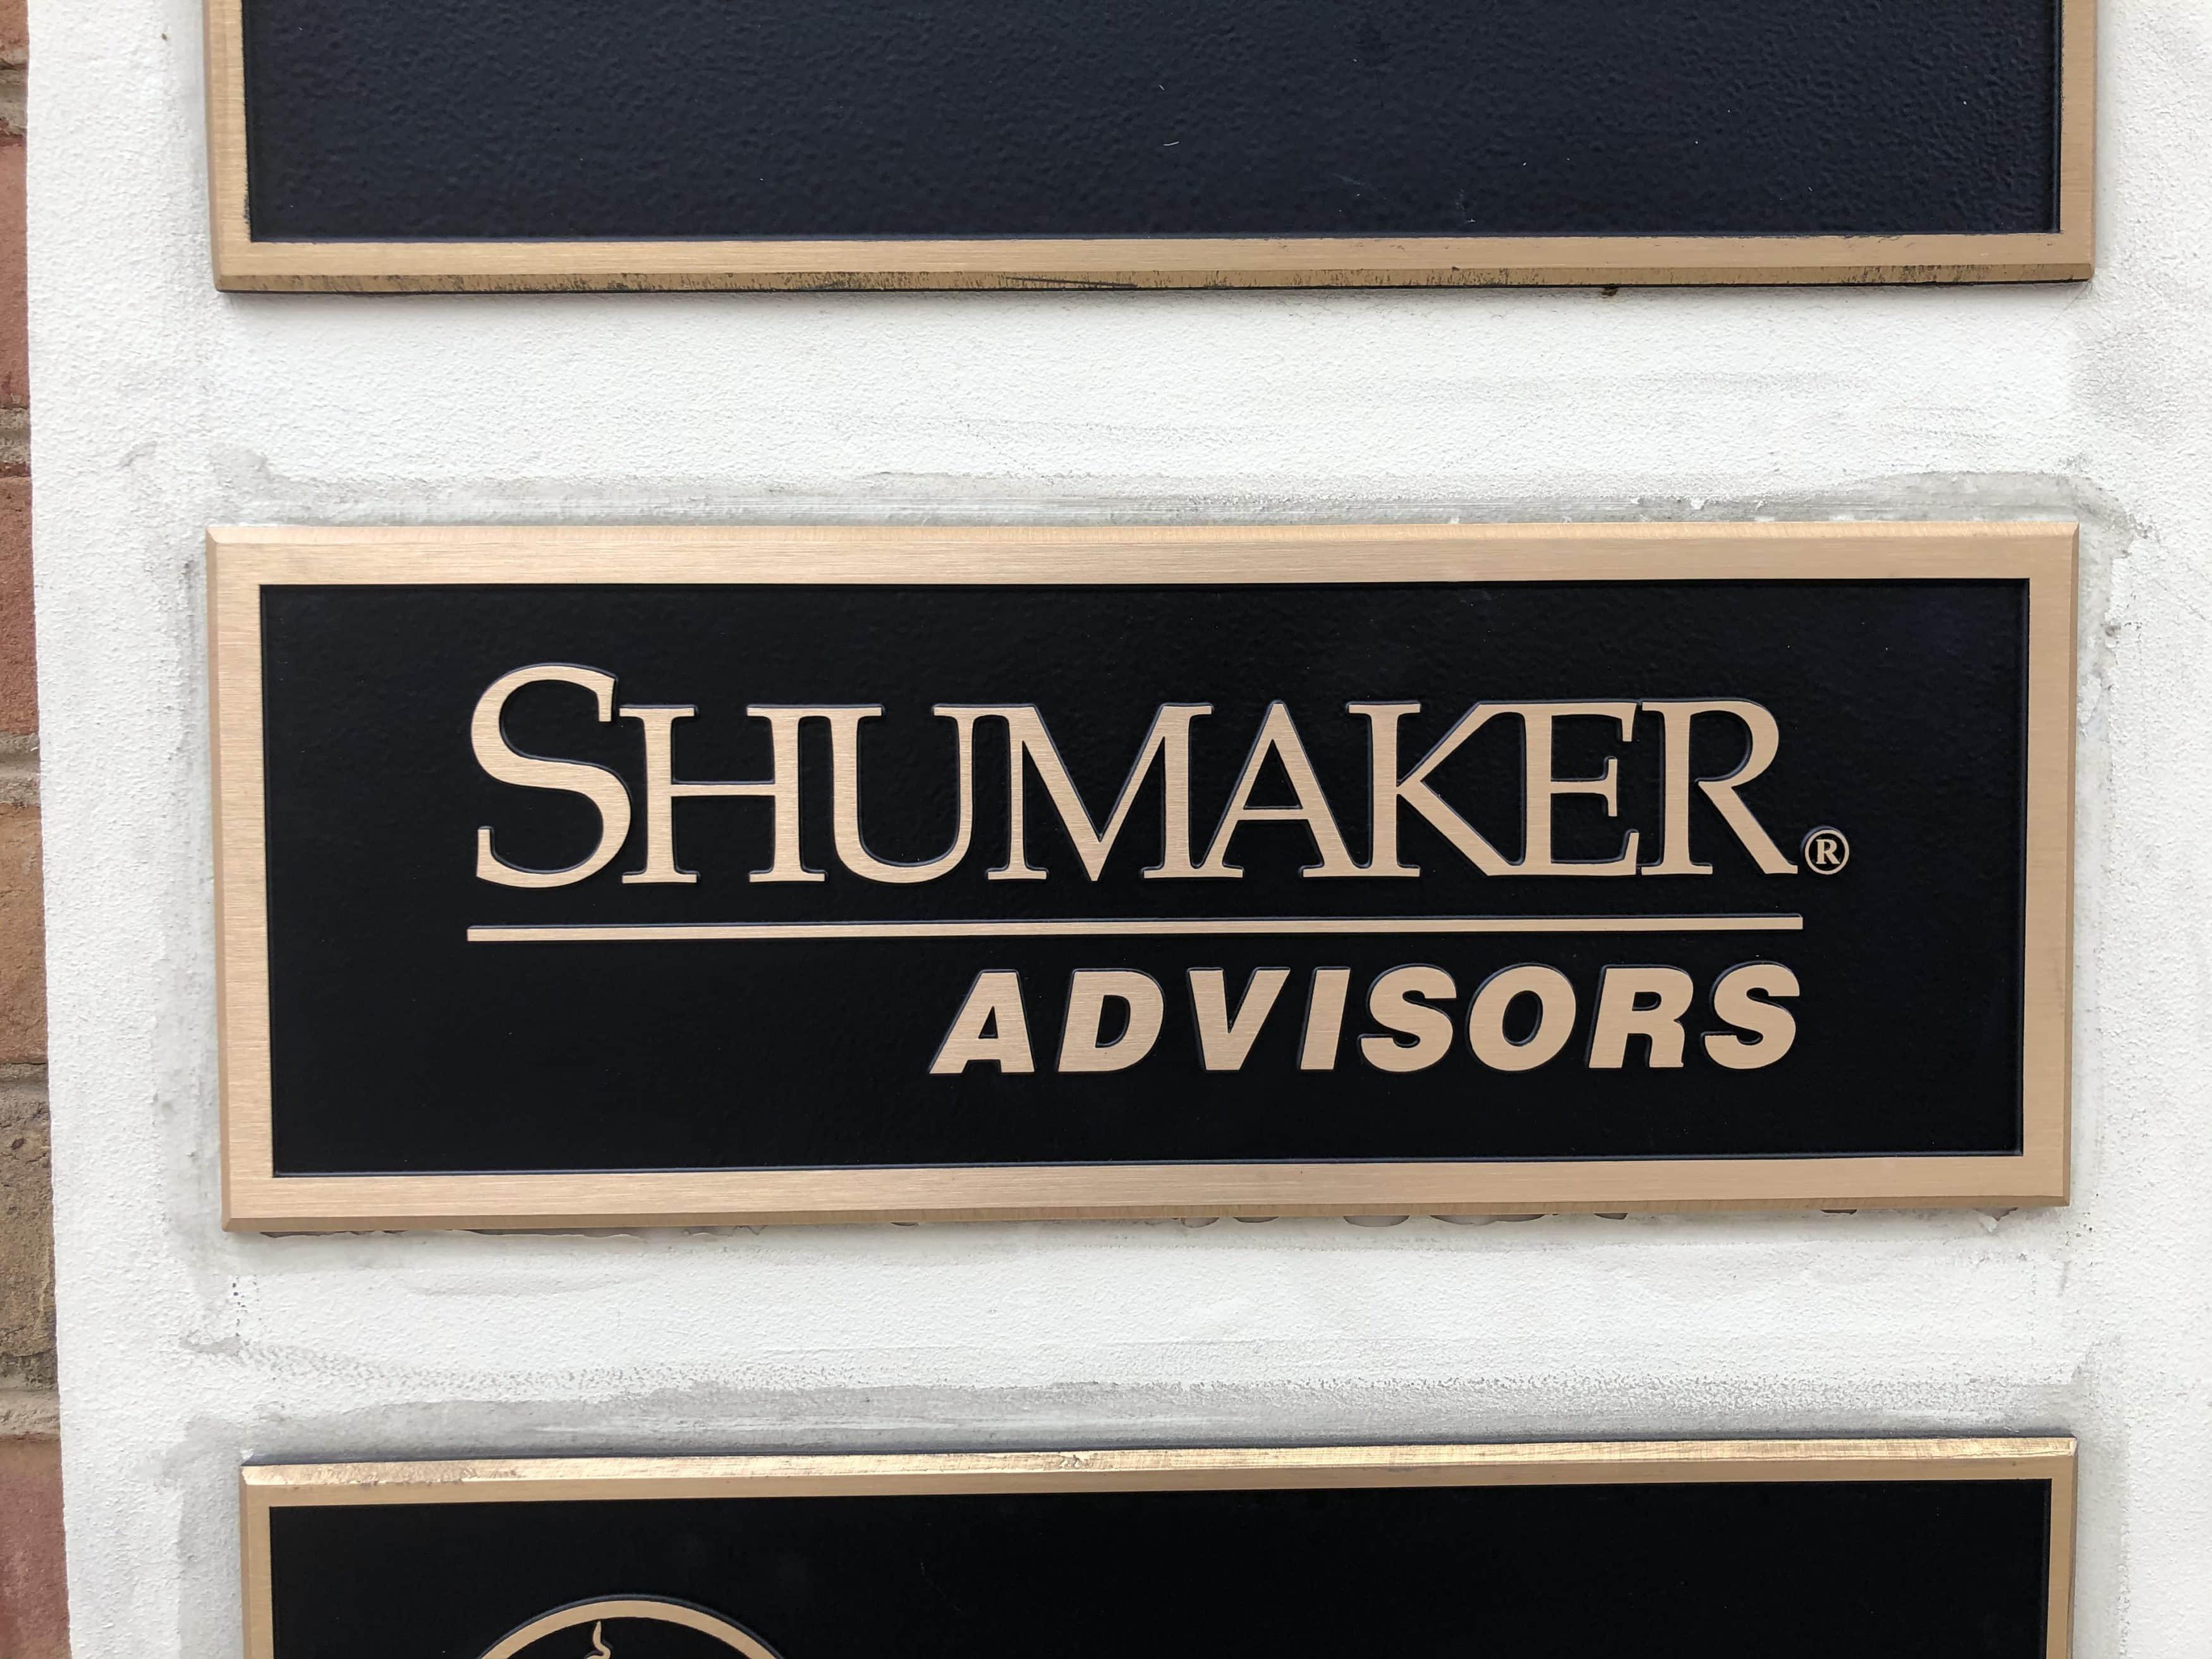 Shumaker-Advisors-3500x2625.jpg